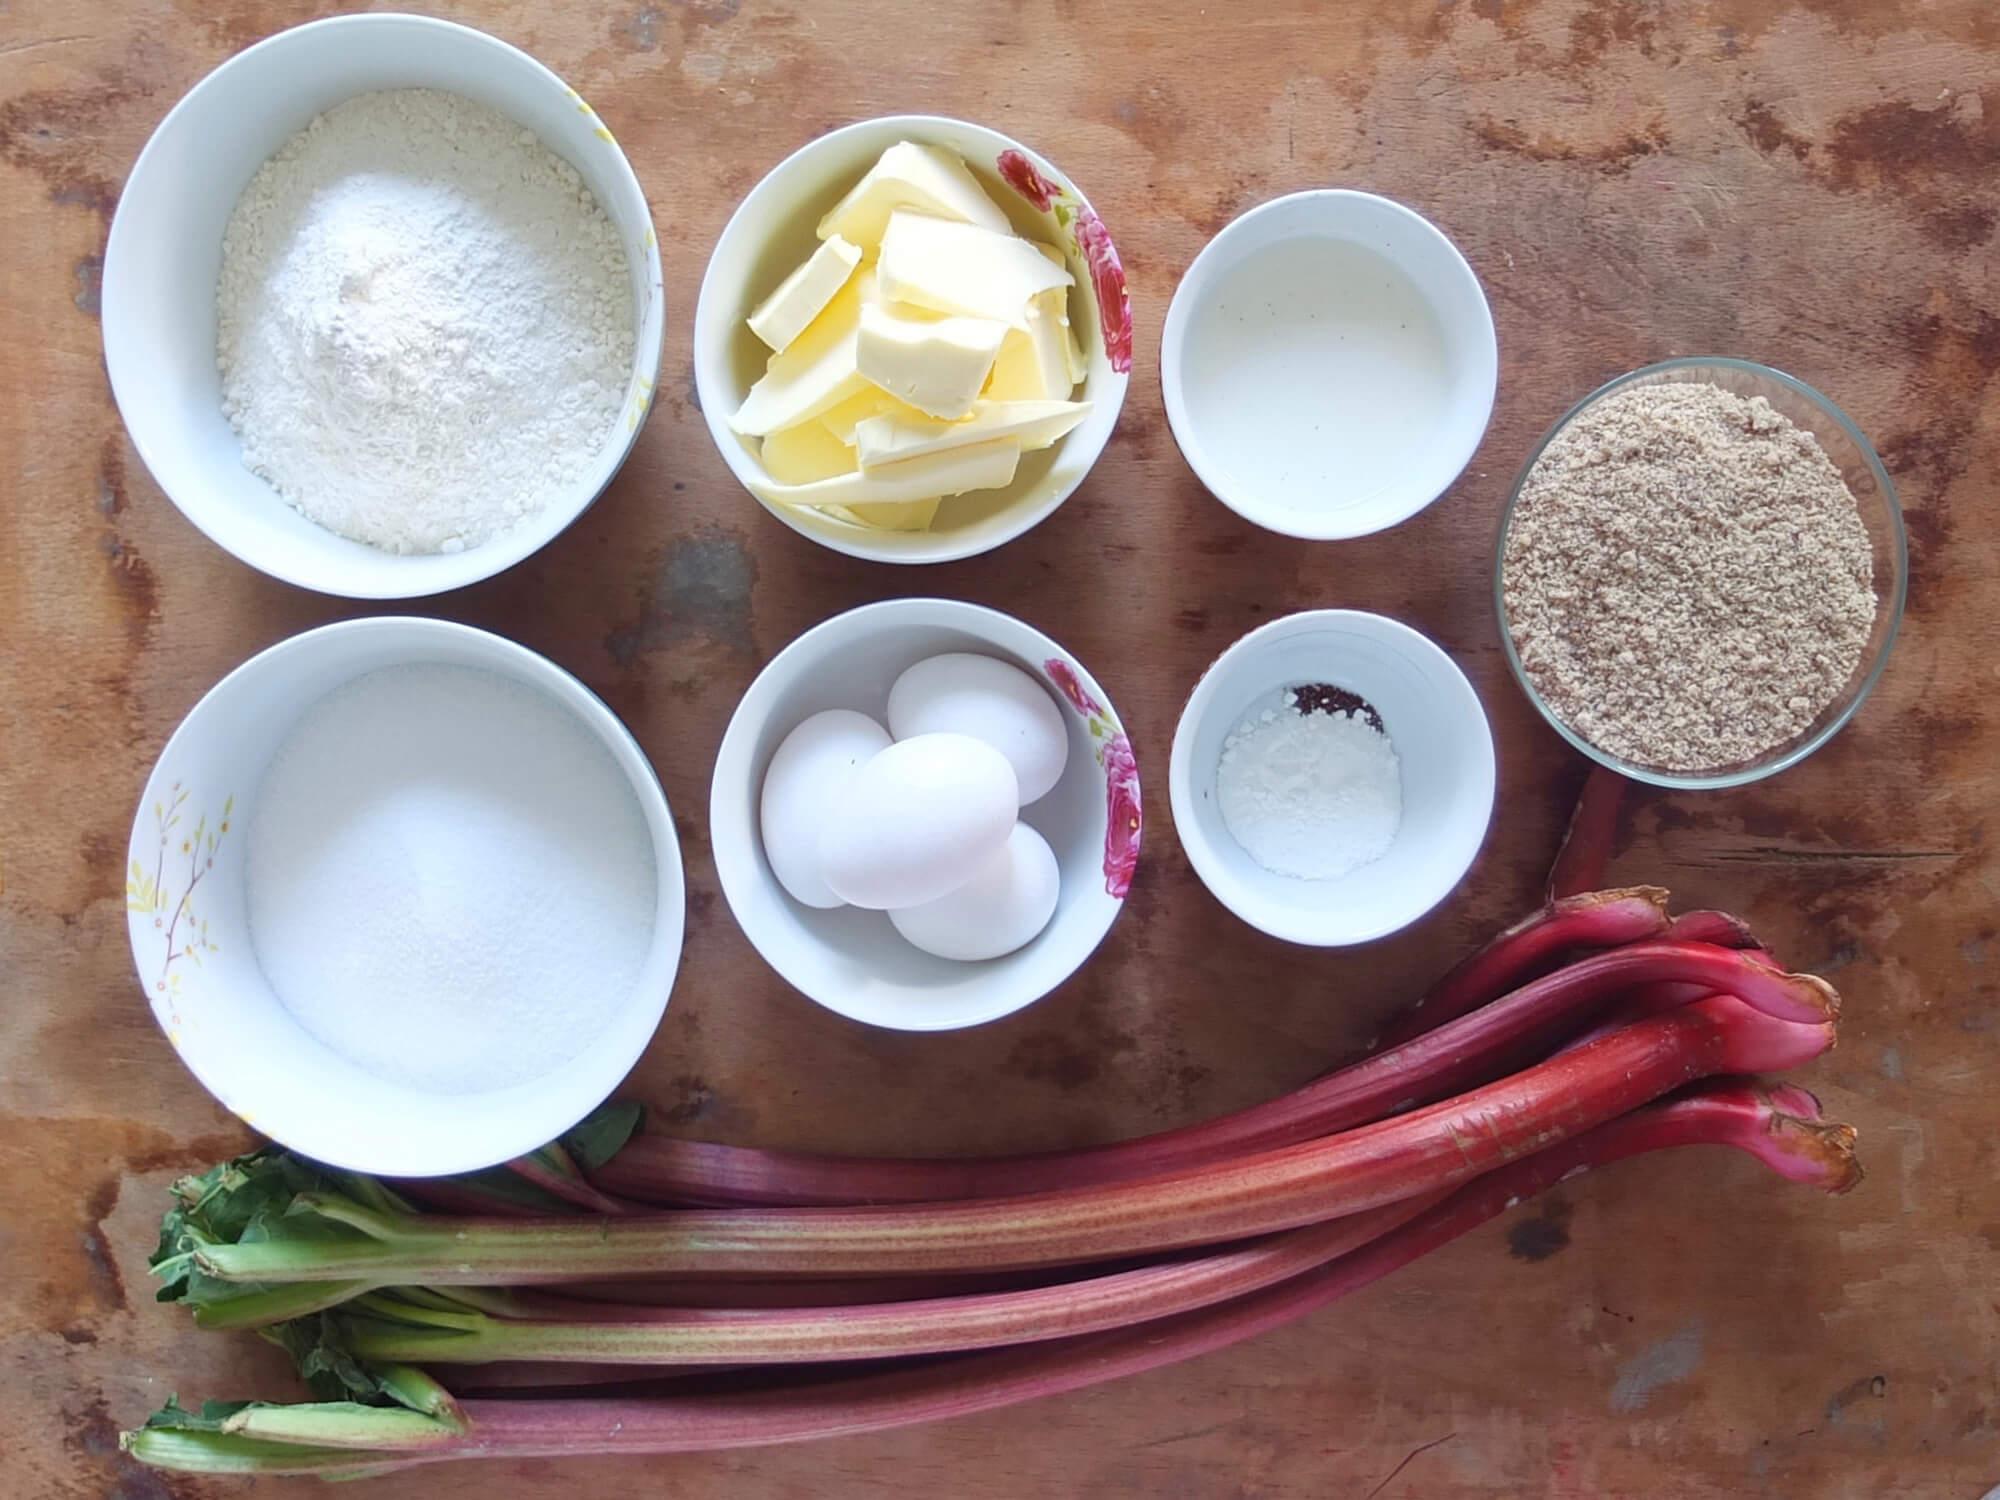 Zutaten Rhabarberkuchen mit Nussbaiser - La Crema Patisserie Foodblog Backblog